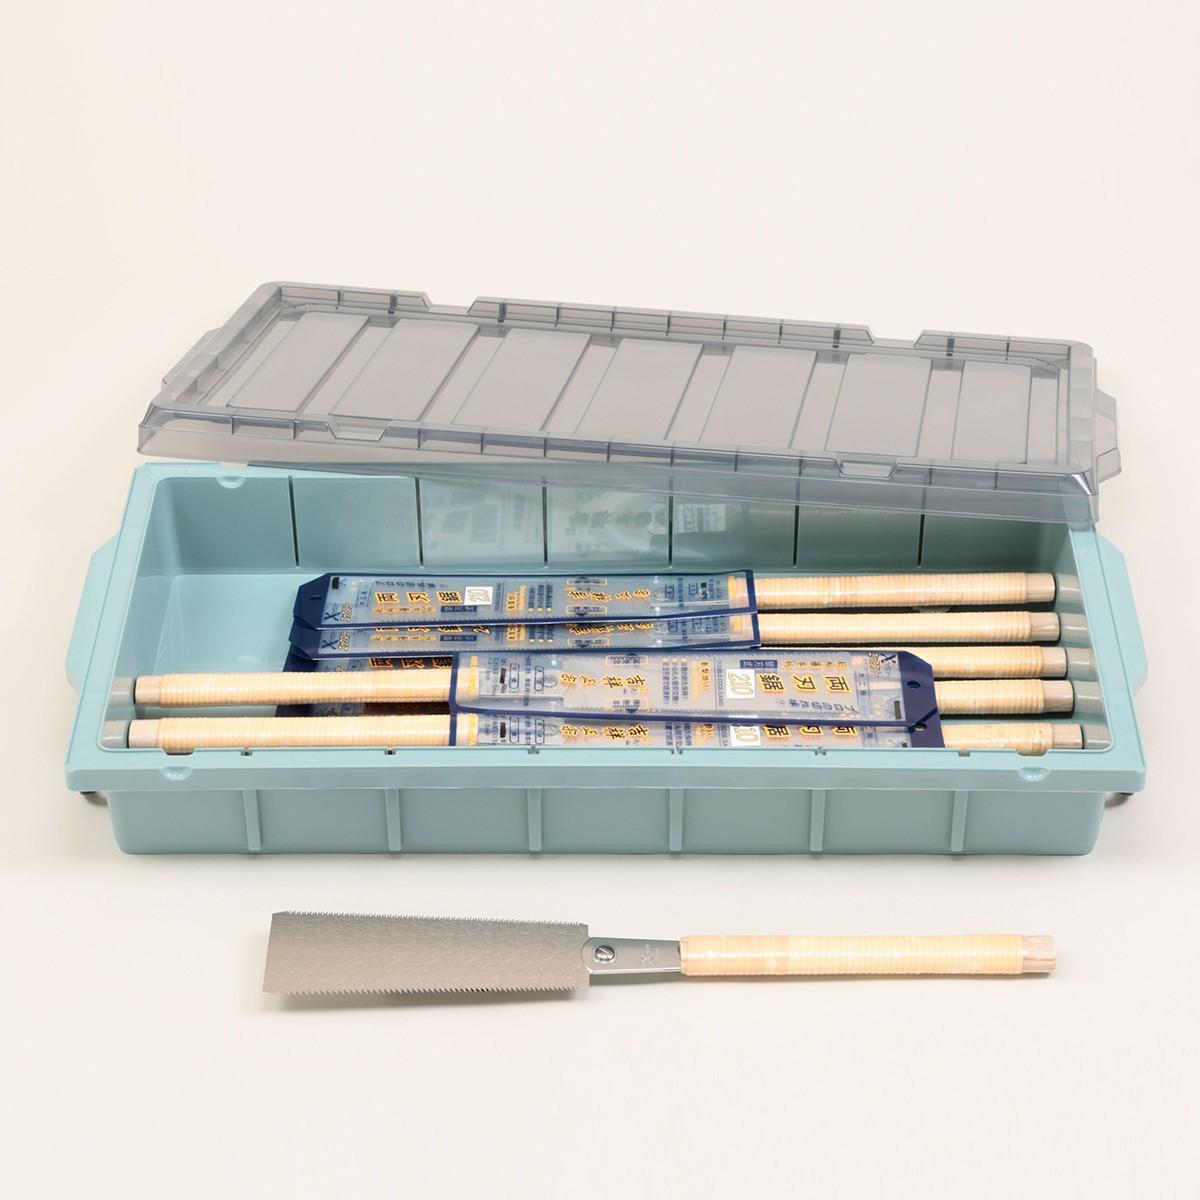 木工・木彫を楽しもう 両刃のこぎり 吉祥正宗 替刃式 210mm 10丁組(ケース付) 【 木工 木彫 木工具 のこぎり 両刃 】